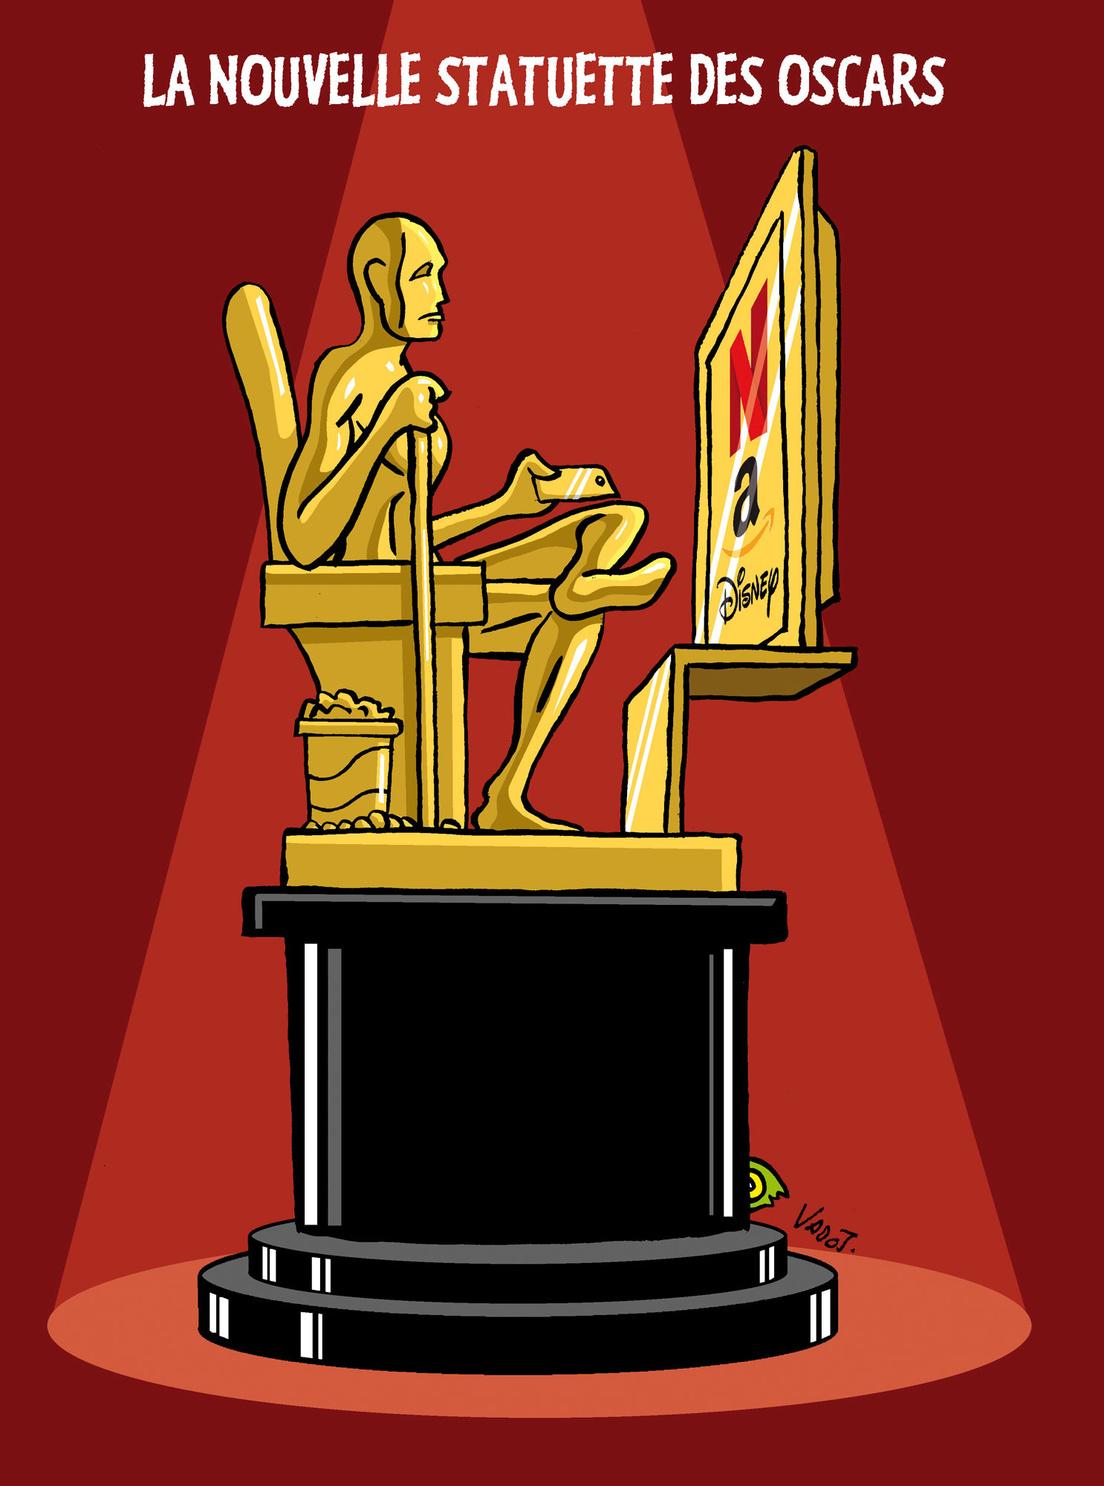 Les films produits par des plateformes de streaming raflent la majorité des nominations aux oscars, alors que les salles de cinéma ont fermé pendant un an aux États-Unis., Vadot